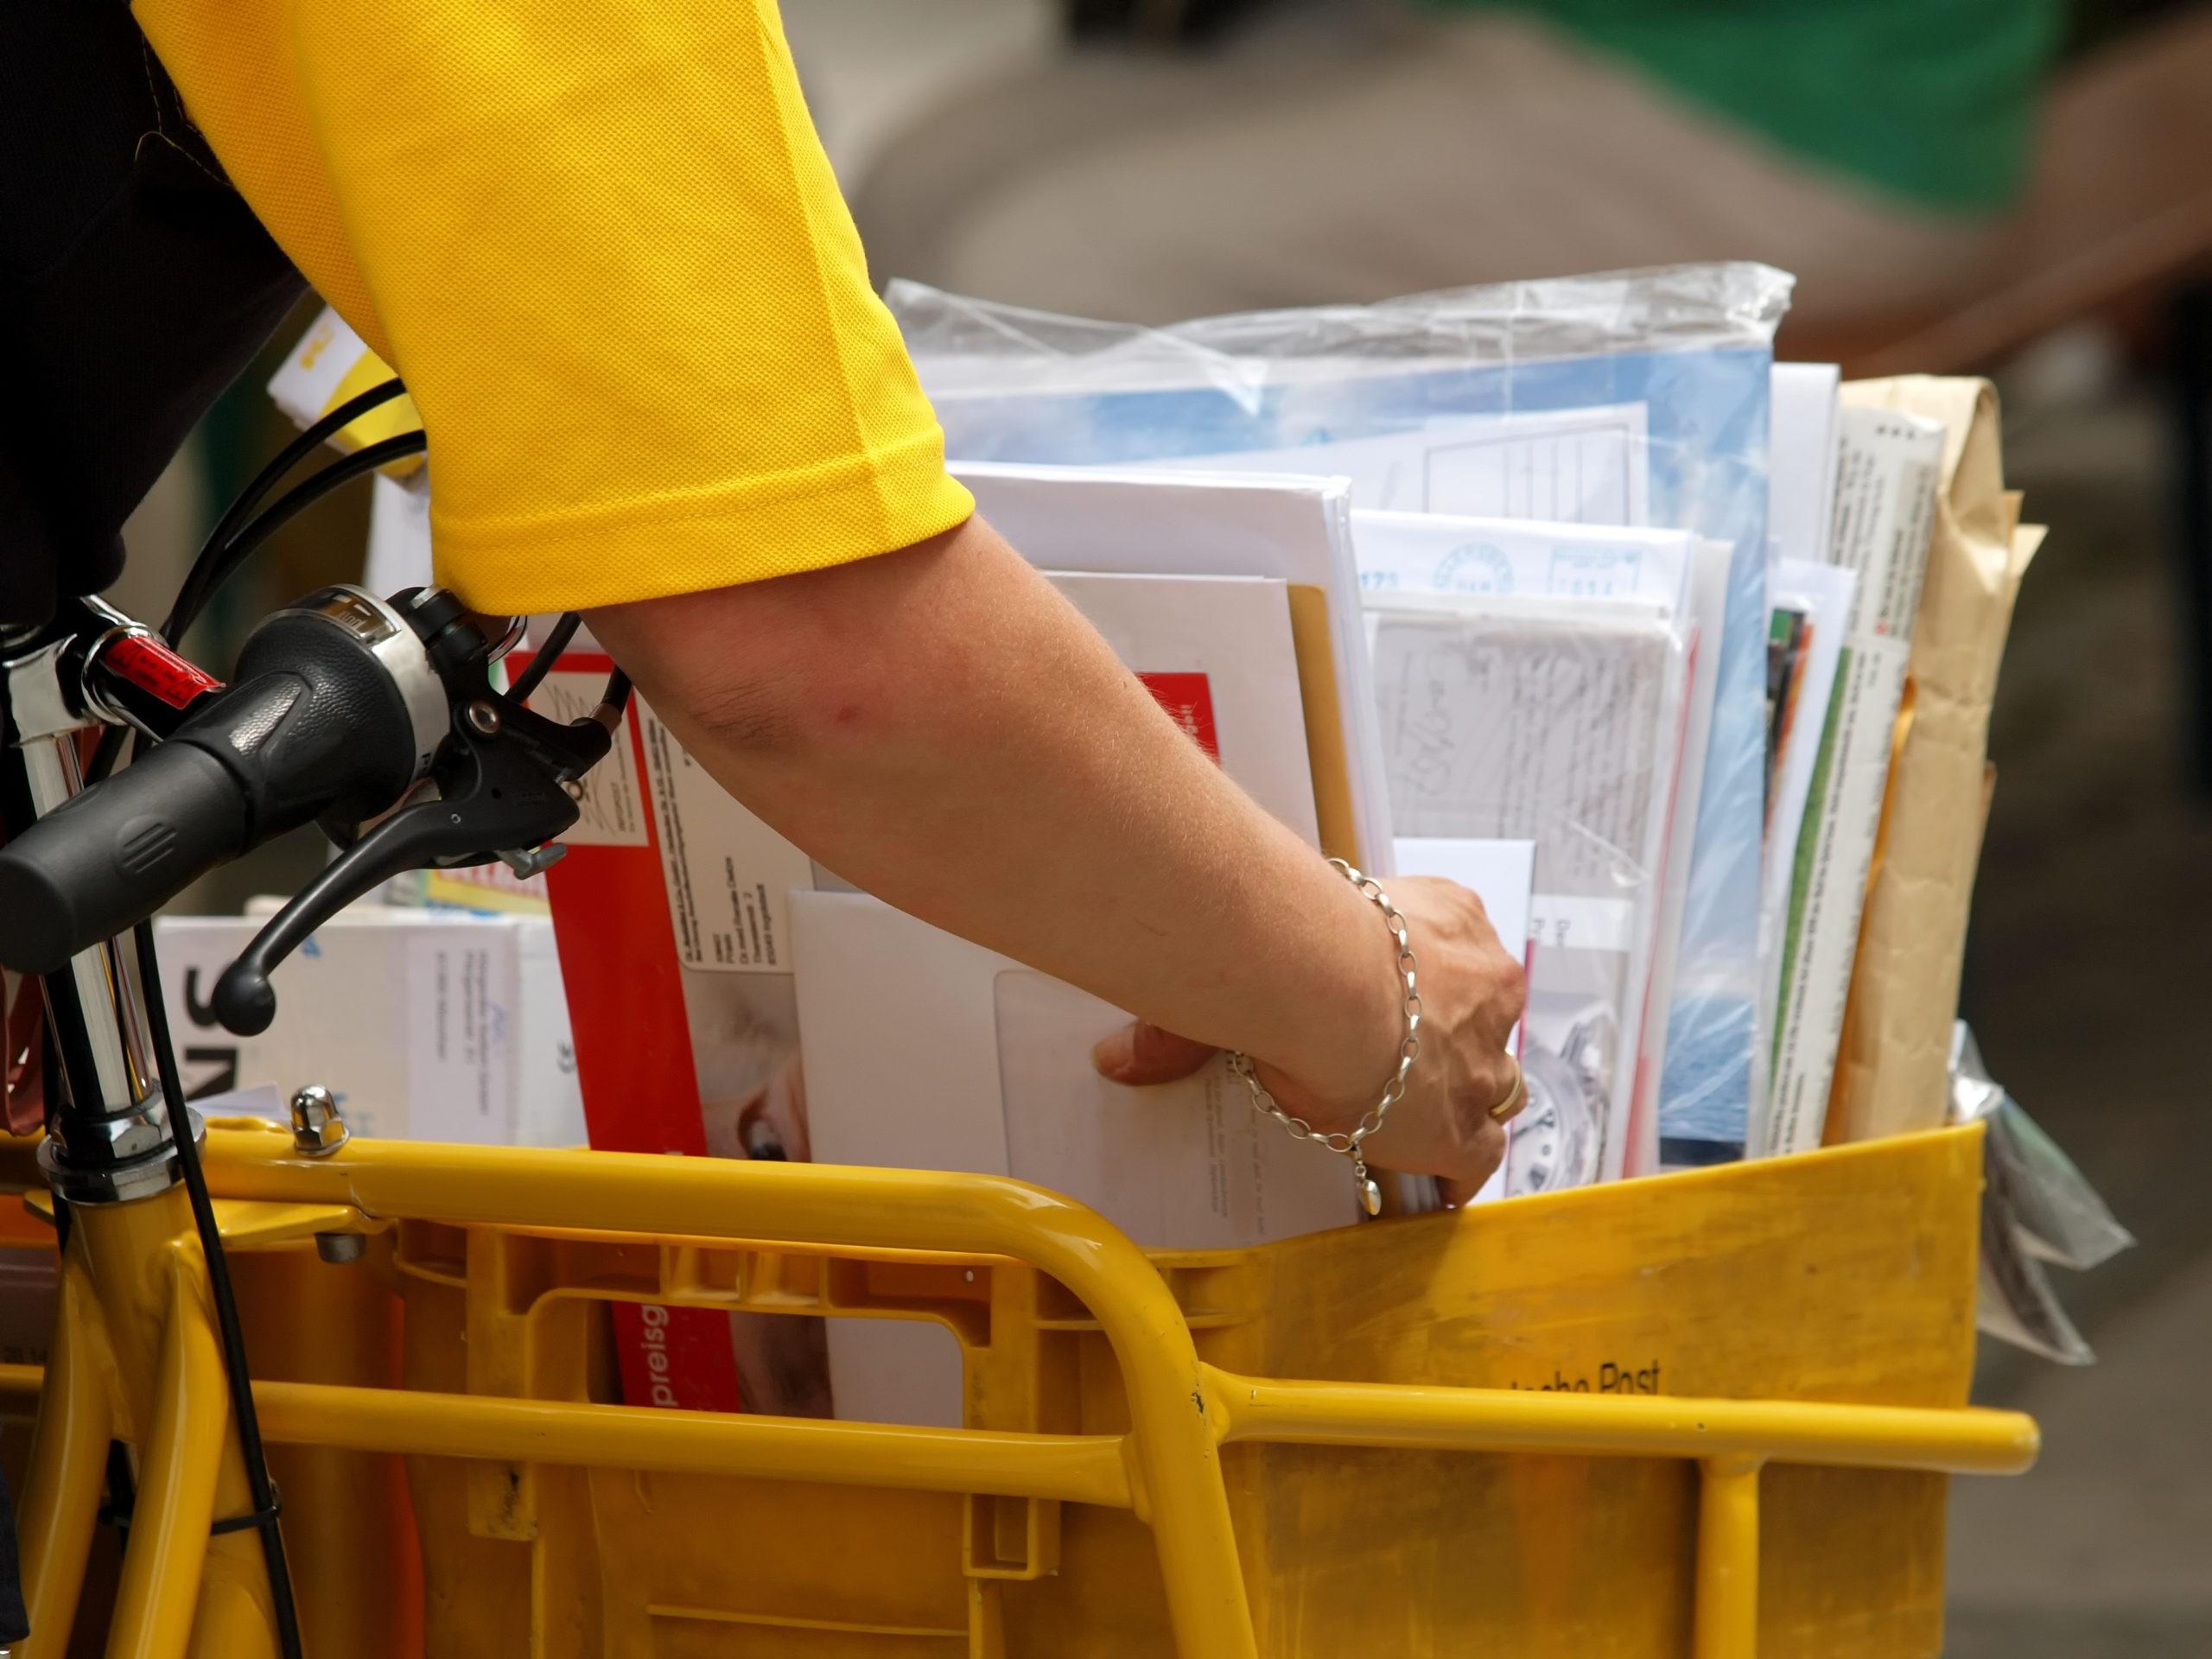 Décision de justice imposant une distribution postale de 4 jours sur 6, dans les Hauts-de-Seine (92)